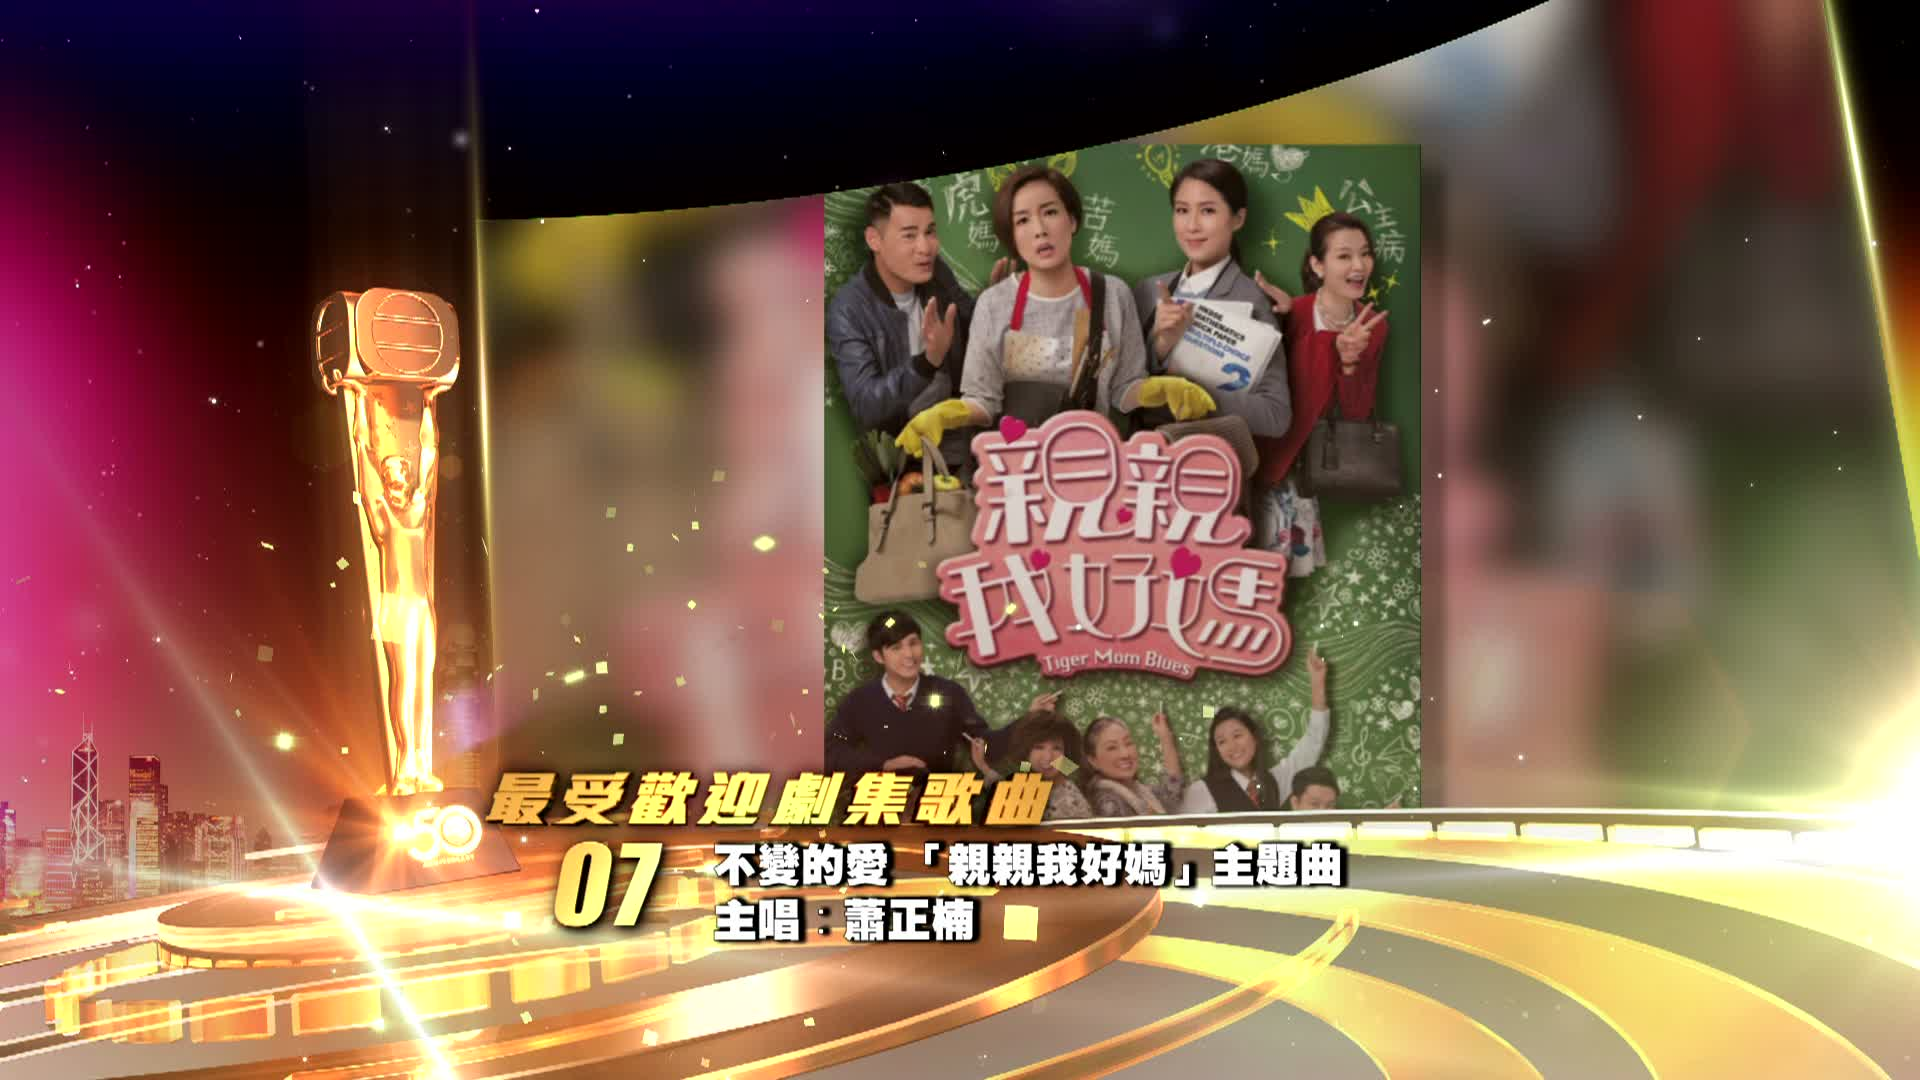 7. 蕭正楠-不變的愛《親親我好媽》主題曲